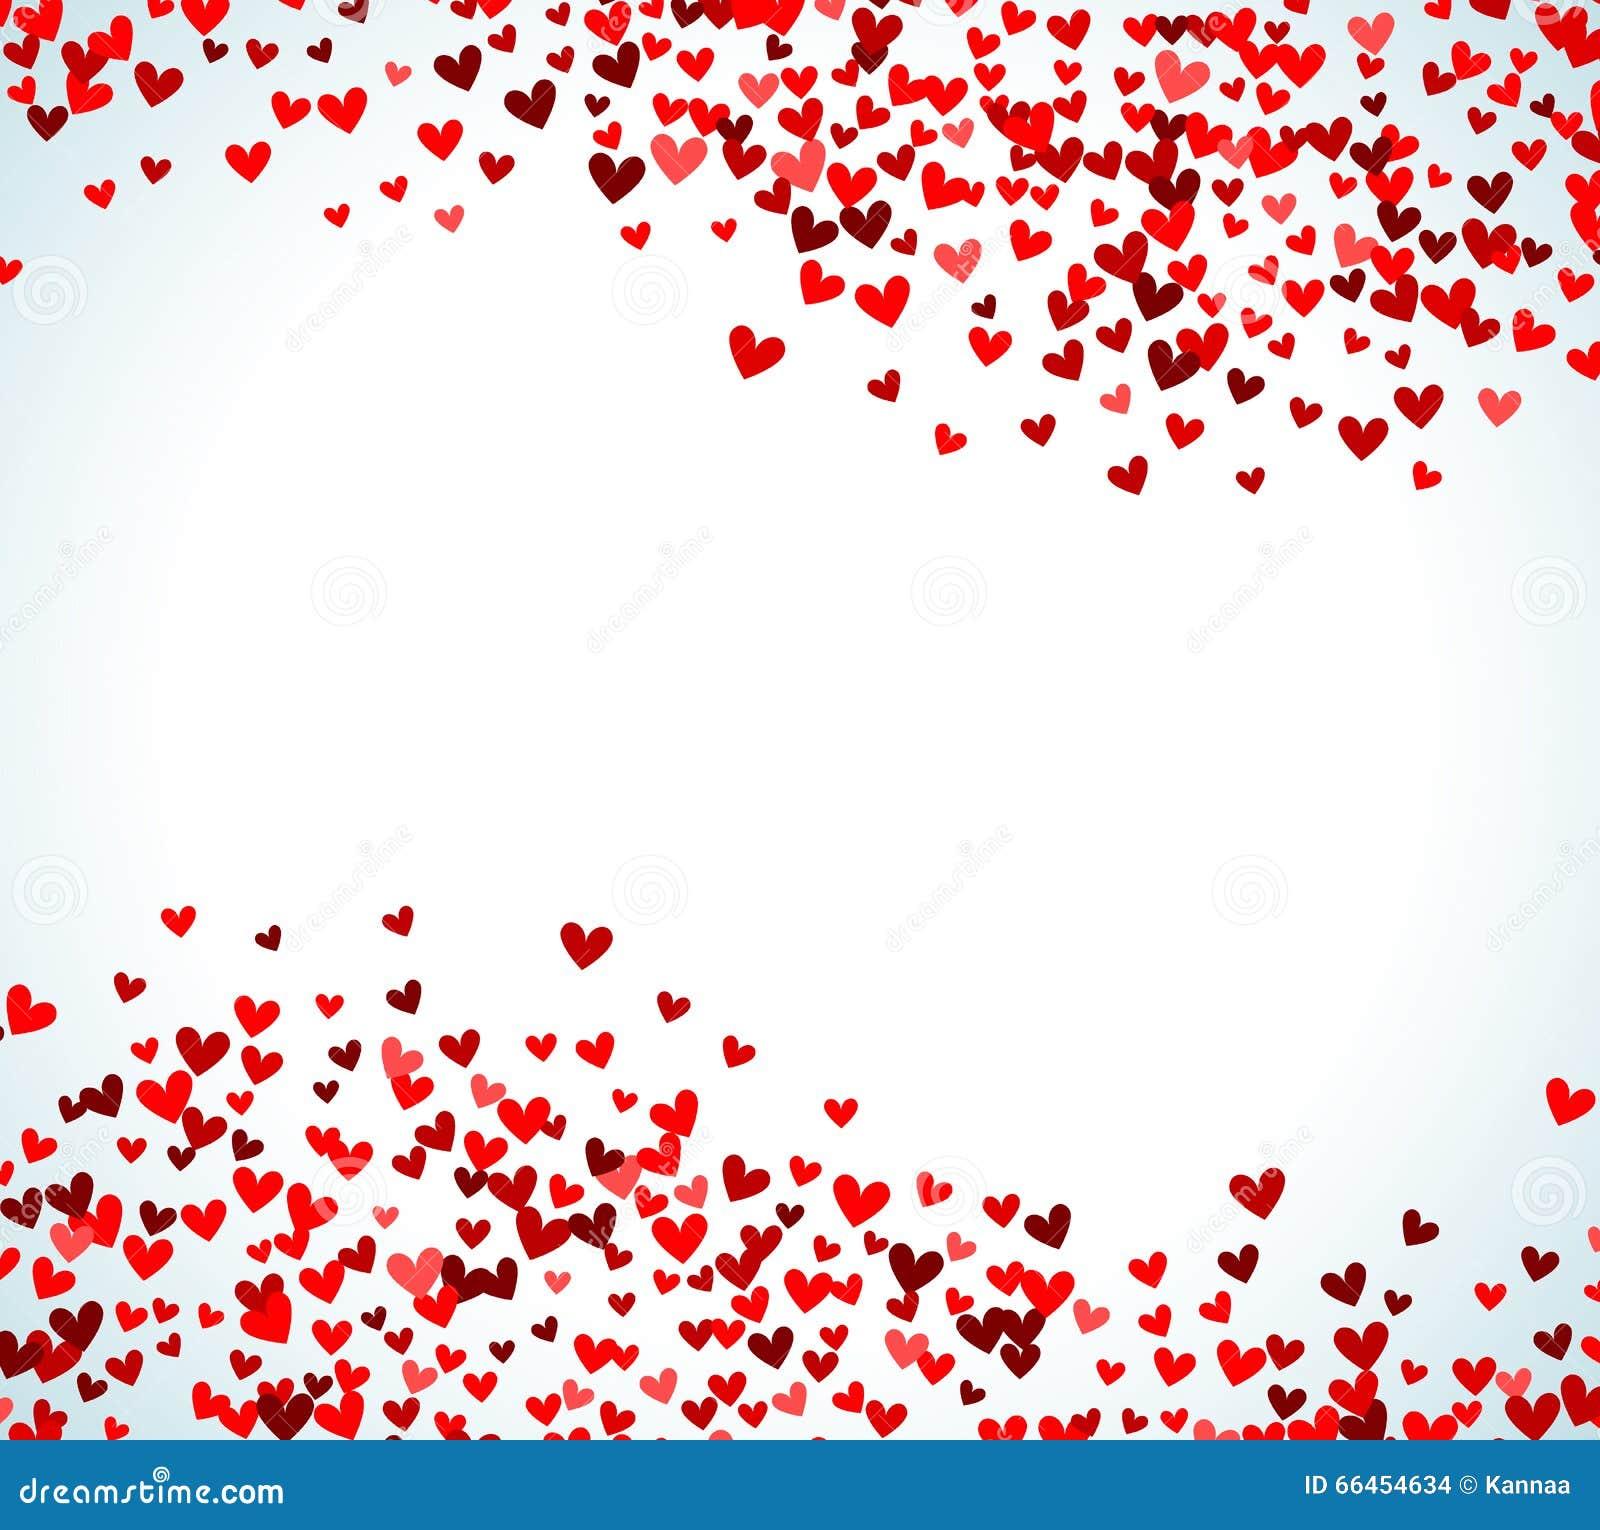 holiday hearts wallpaper vector - photo #16